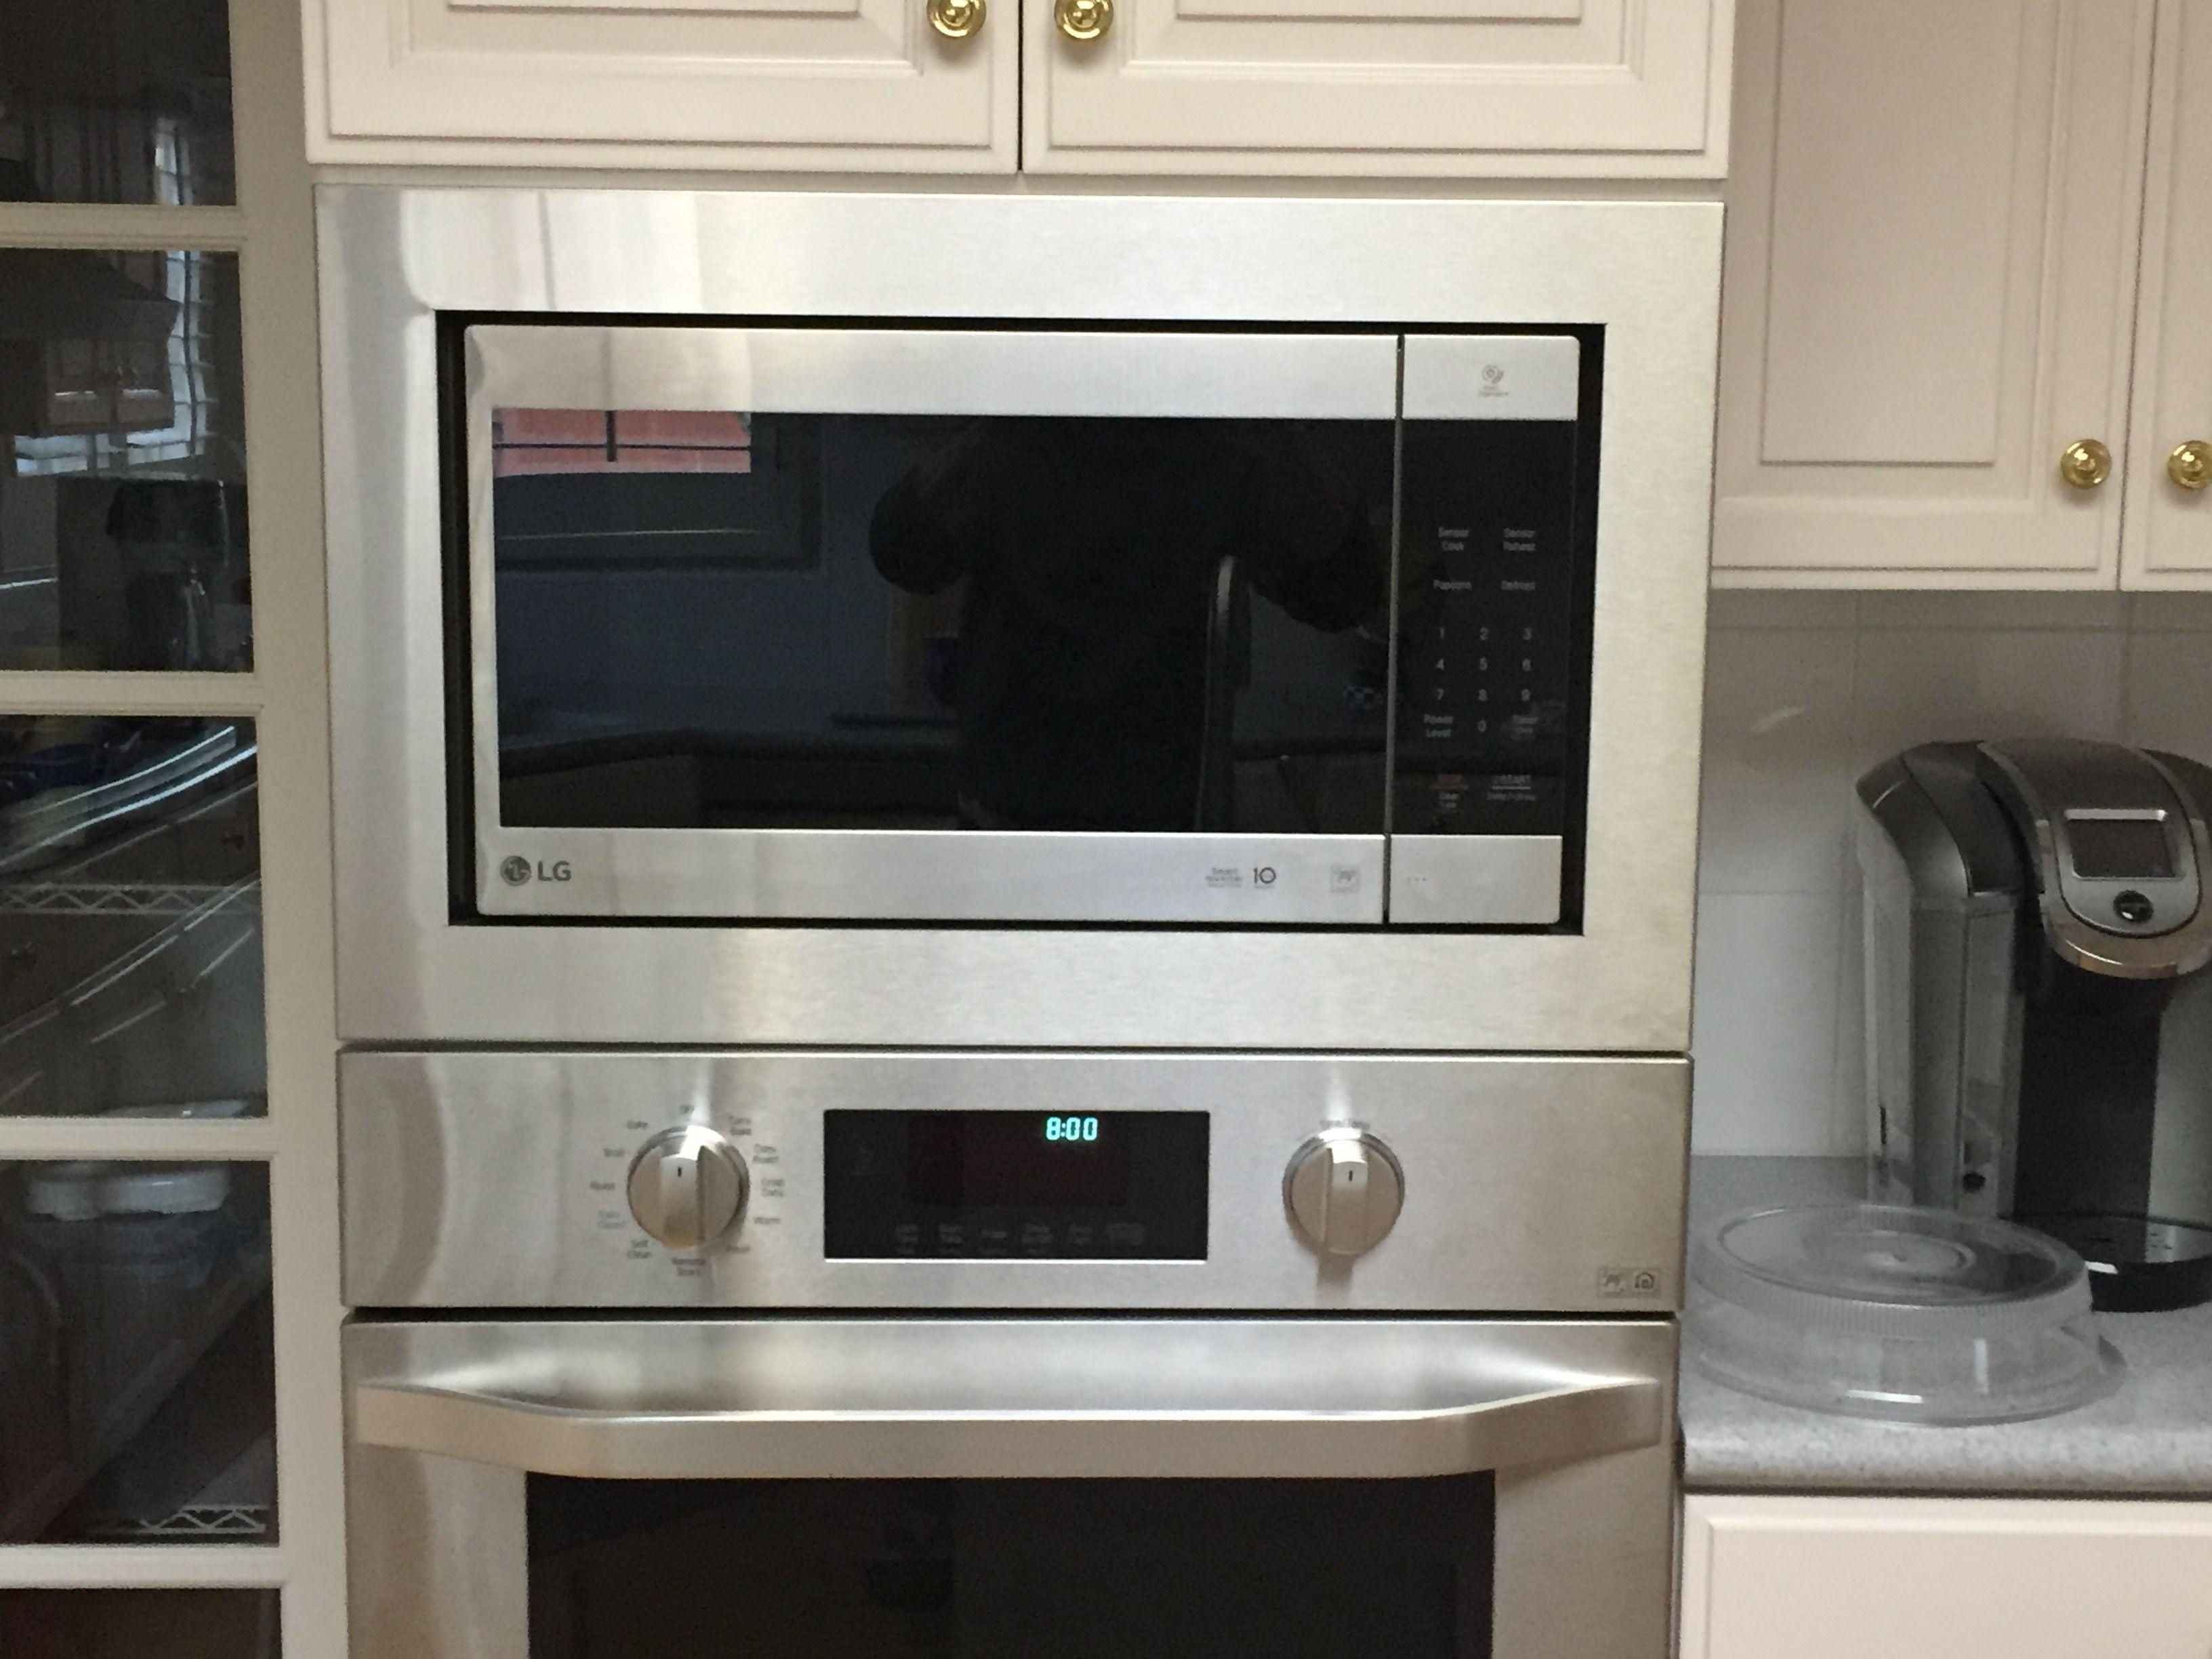 custom trim kit for a lg microwave